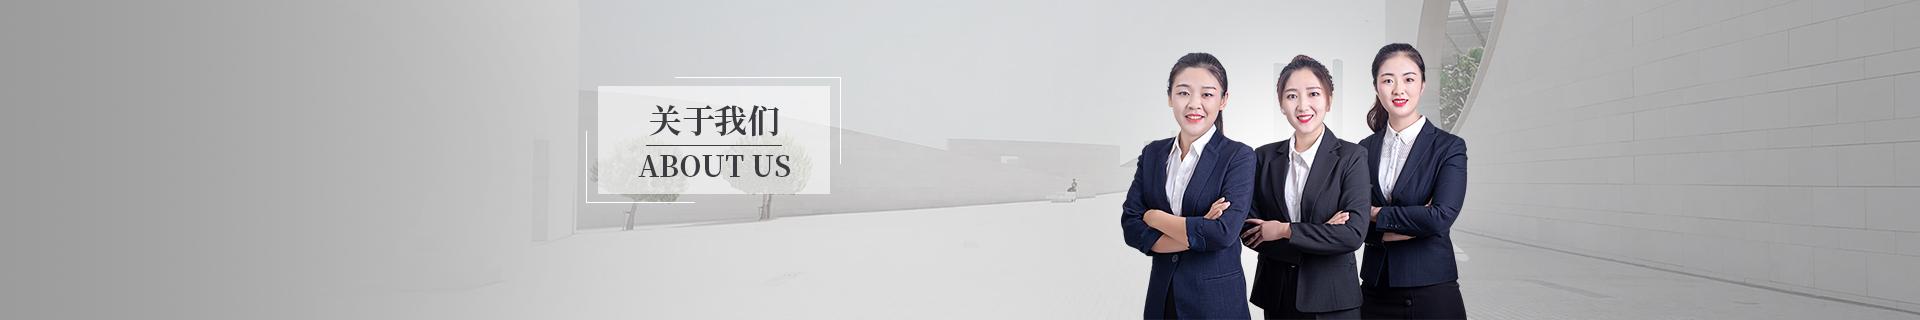 360直播免费观看秋葵视频下载